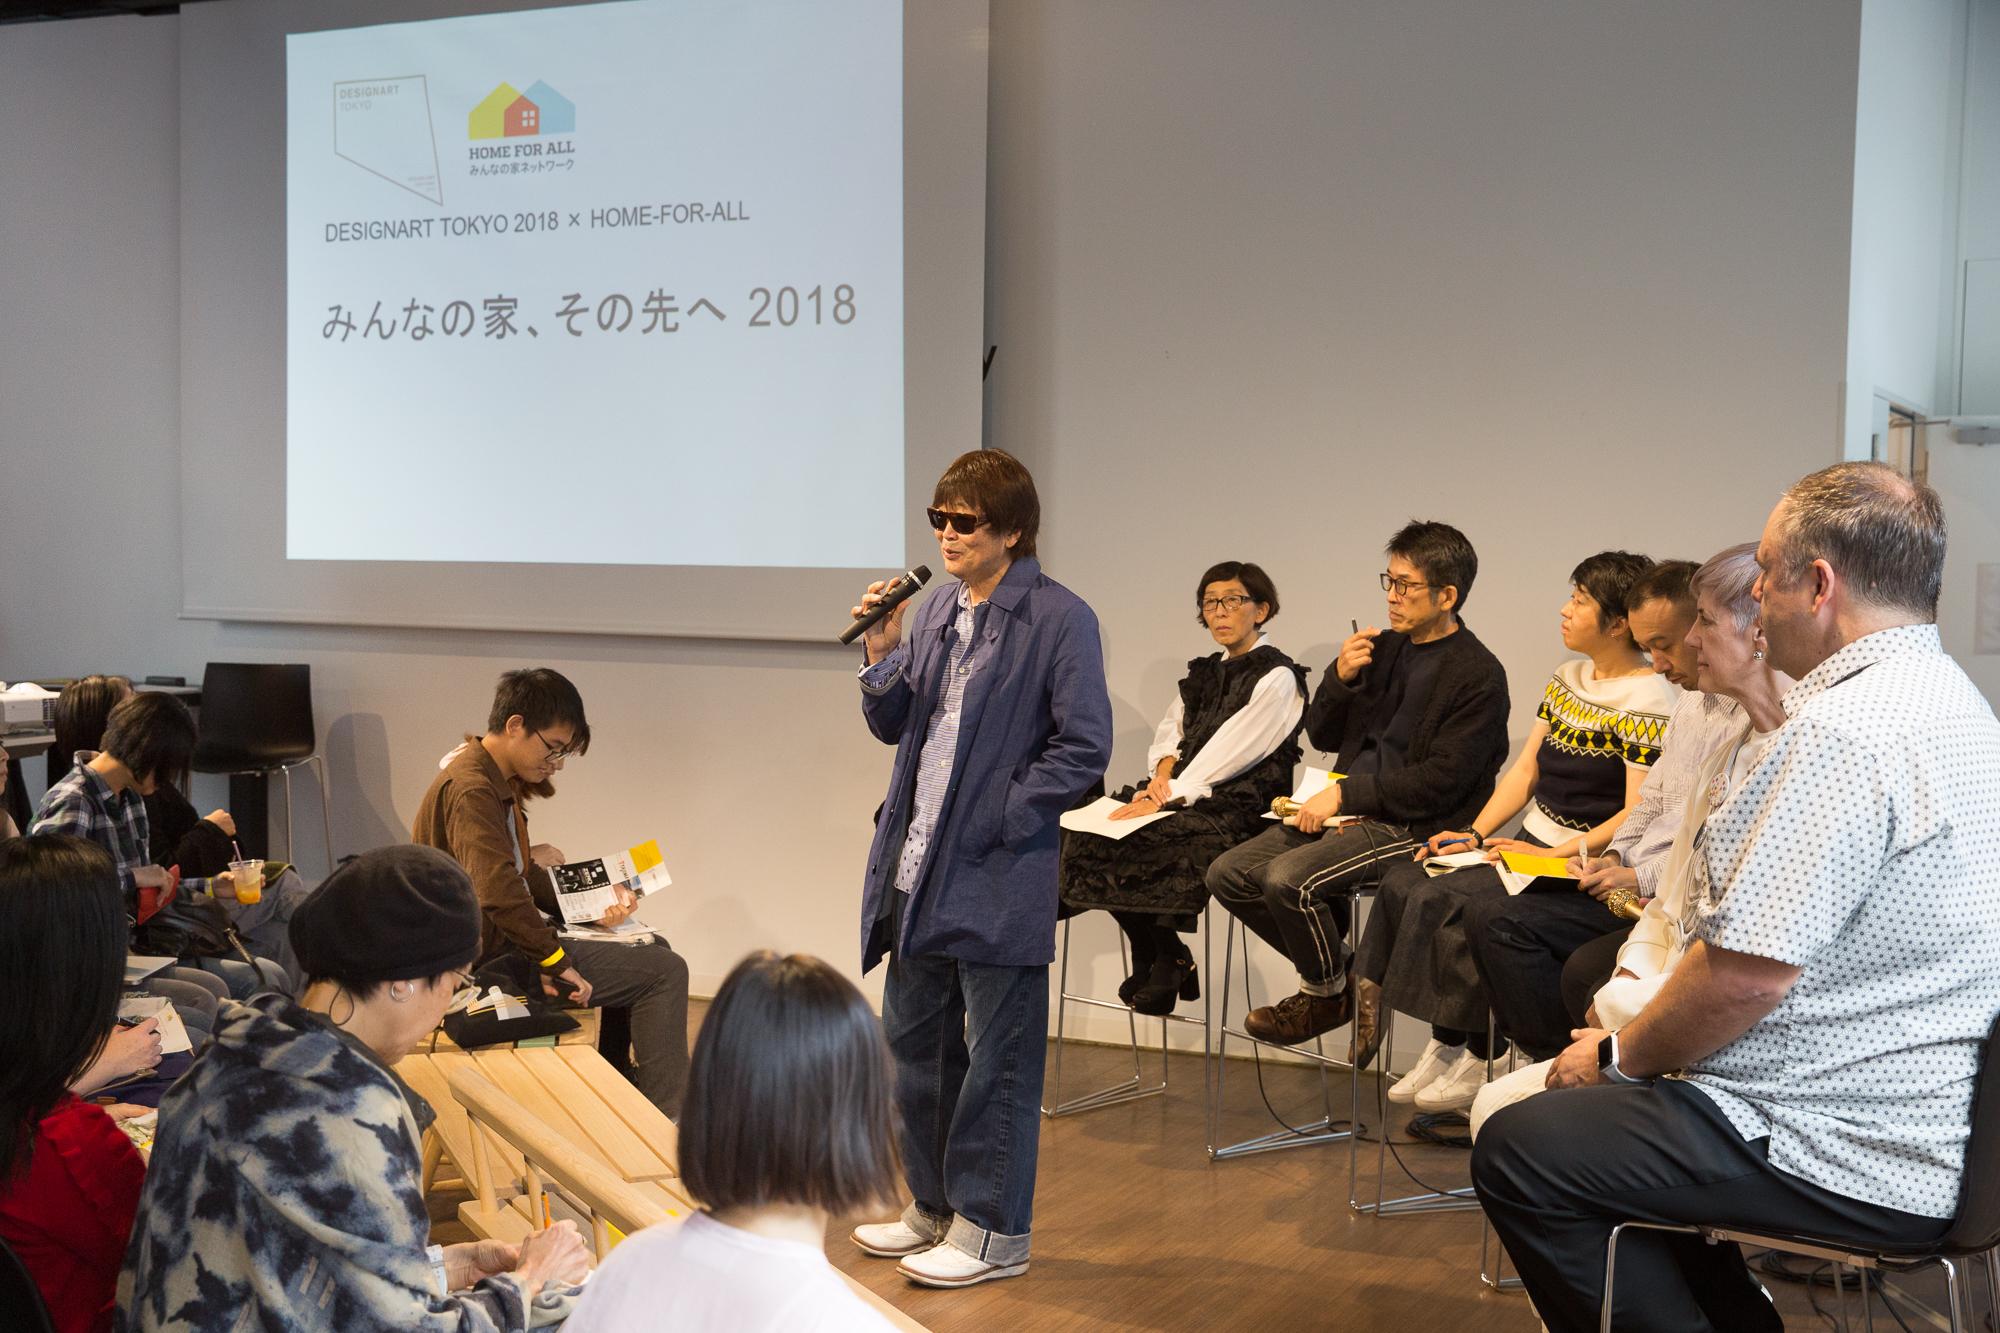 ご挨拶は会場をご提供いただいた黒崎輝男様(NPO法人Farmer's Market Association)よりご挨拶をいただきました。 Teruo Kurosaki from NPO Farmer's Market Association gave a opening speech.